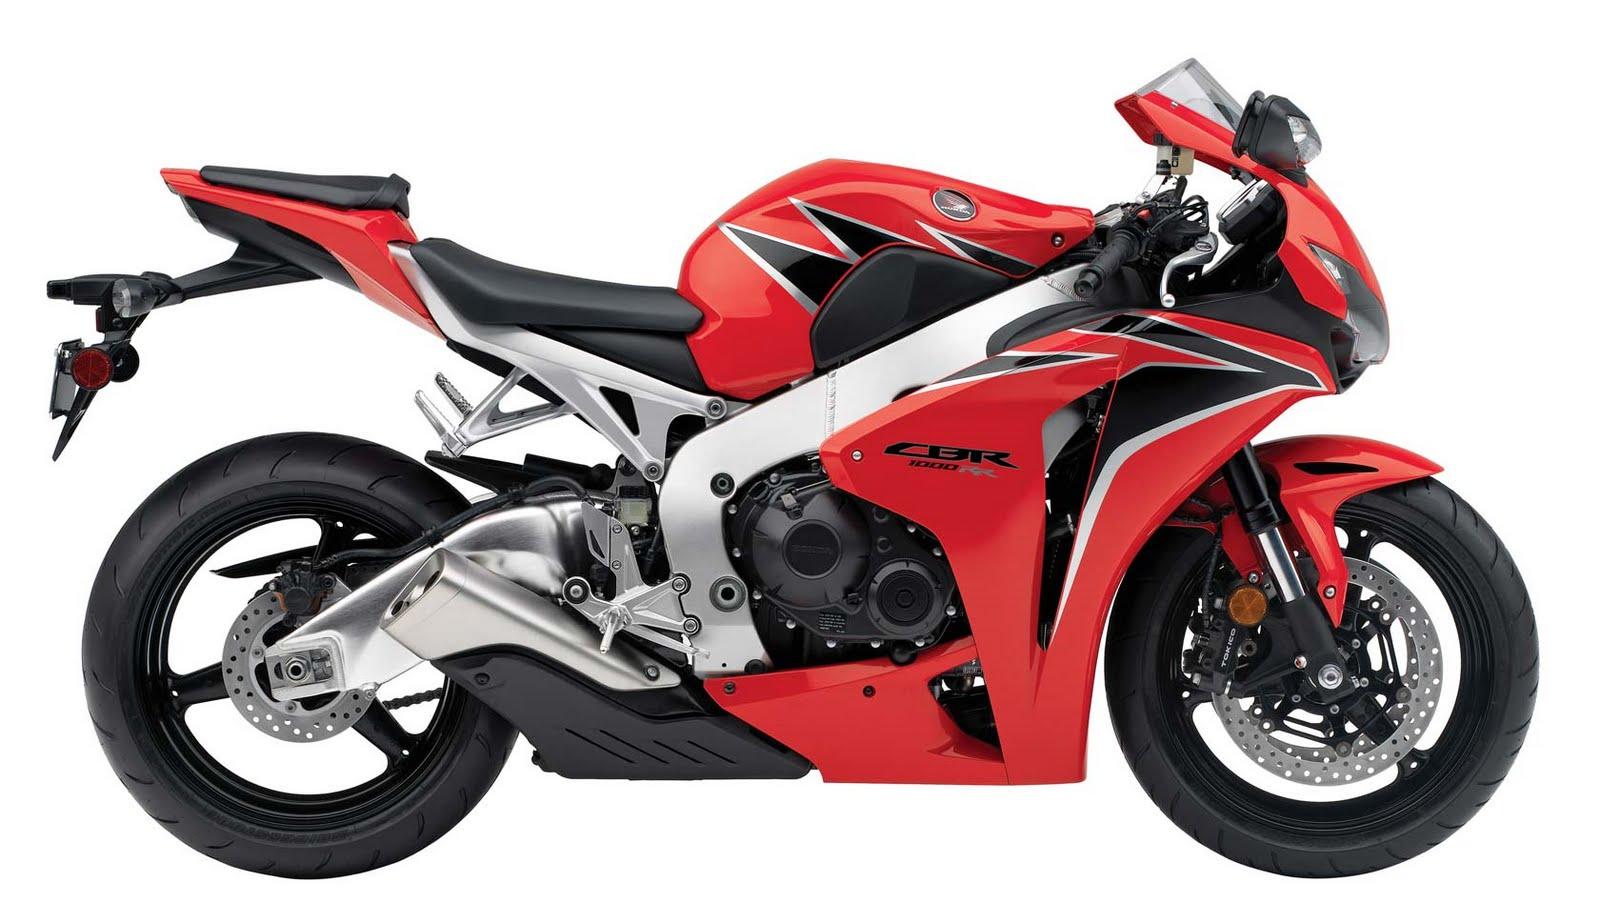 http://1.bp.blogspot.com/_J3_liDBfbvs/TLcBDDADKnI/AAAAAAAAy88/B_51hLsEowM/s1600/2011+Honda+CBR1000RR+Wallpapers.jpg